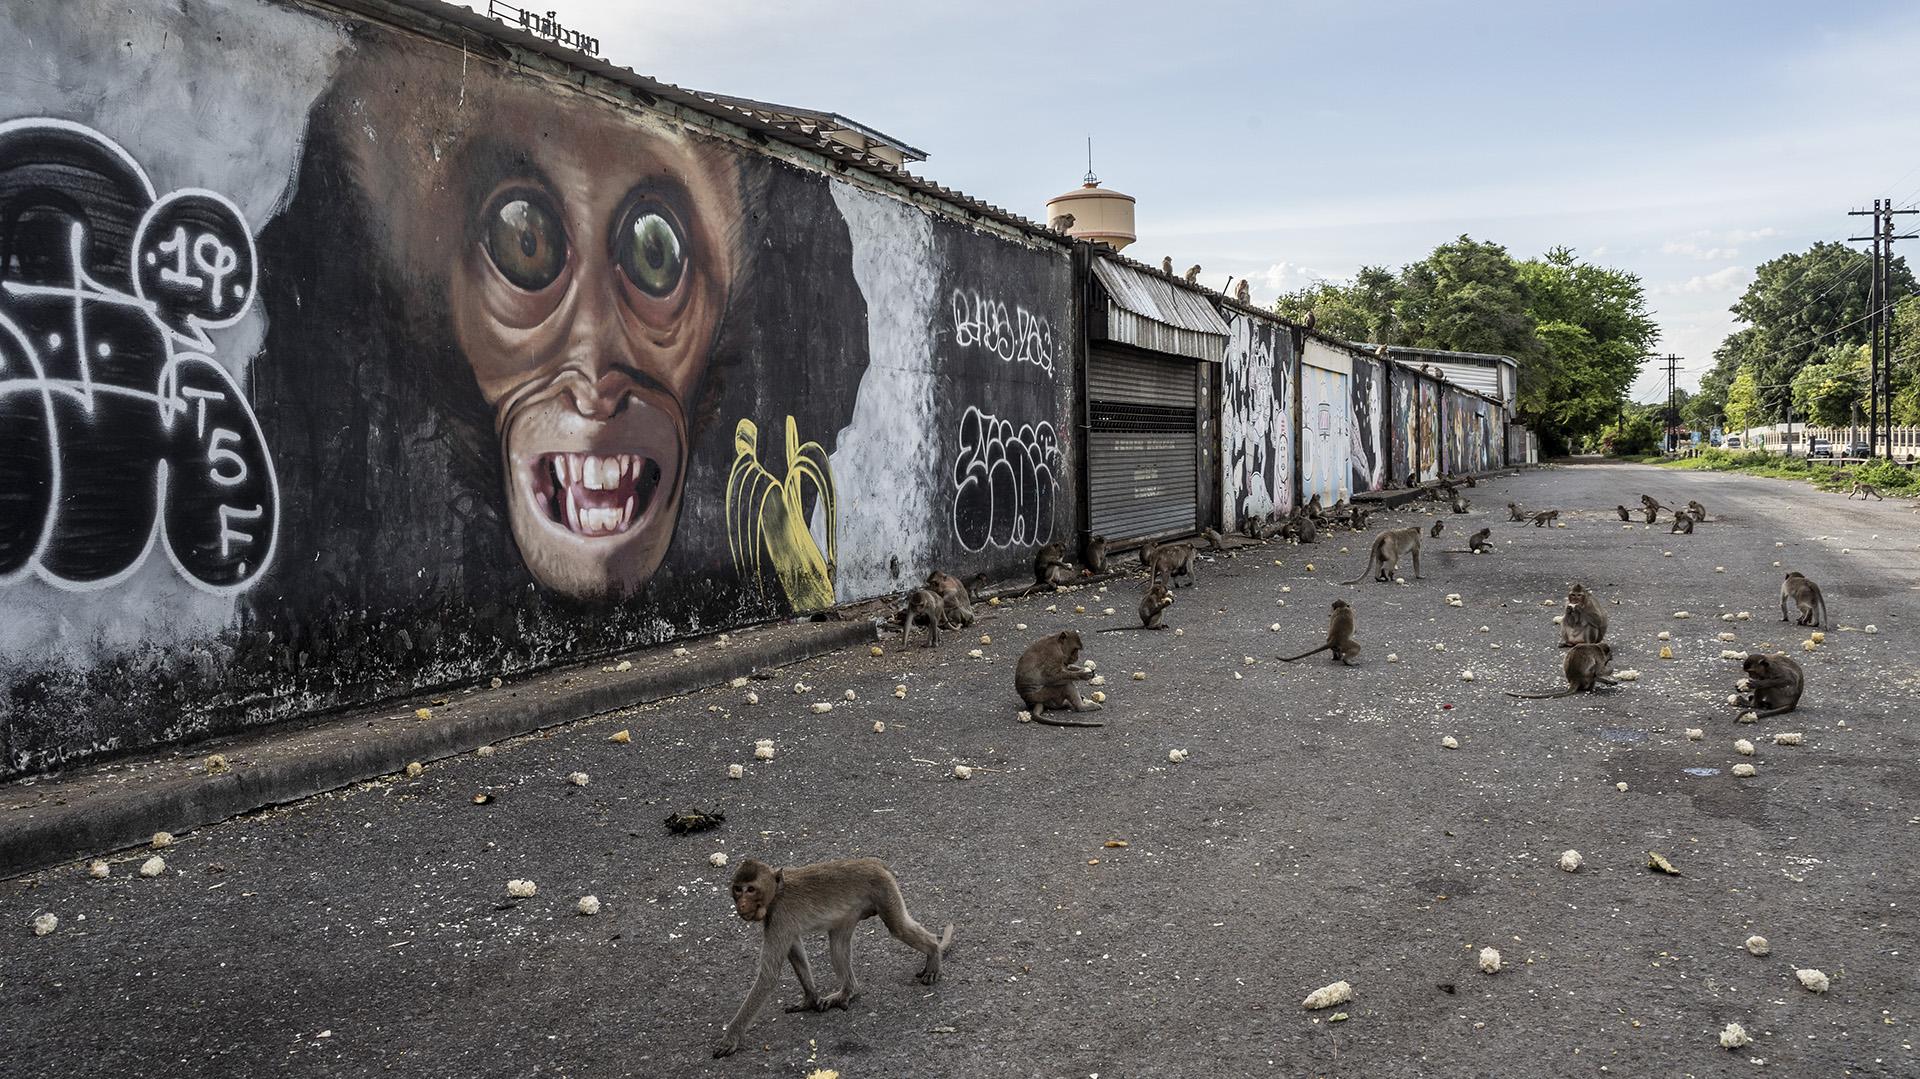 Los monos comen frente a un mural pintado en su honor en una calle de Lopburi